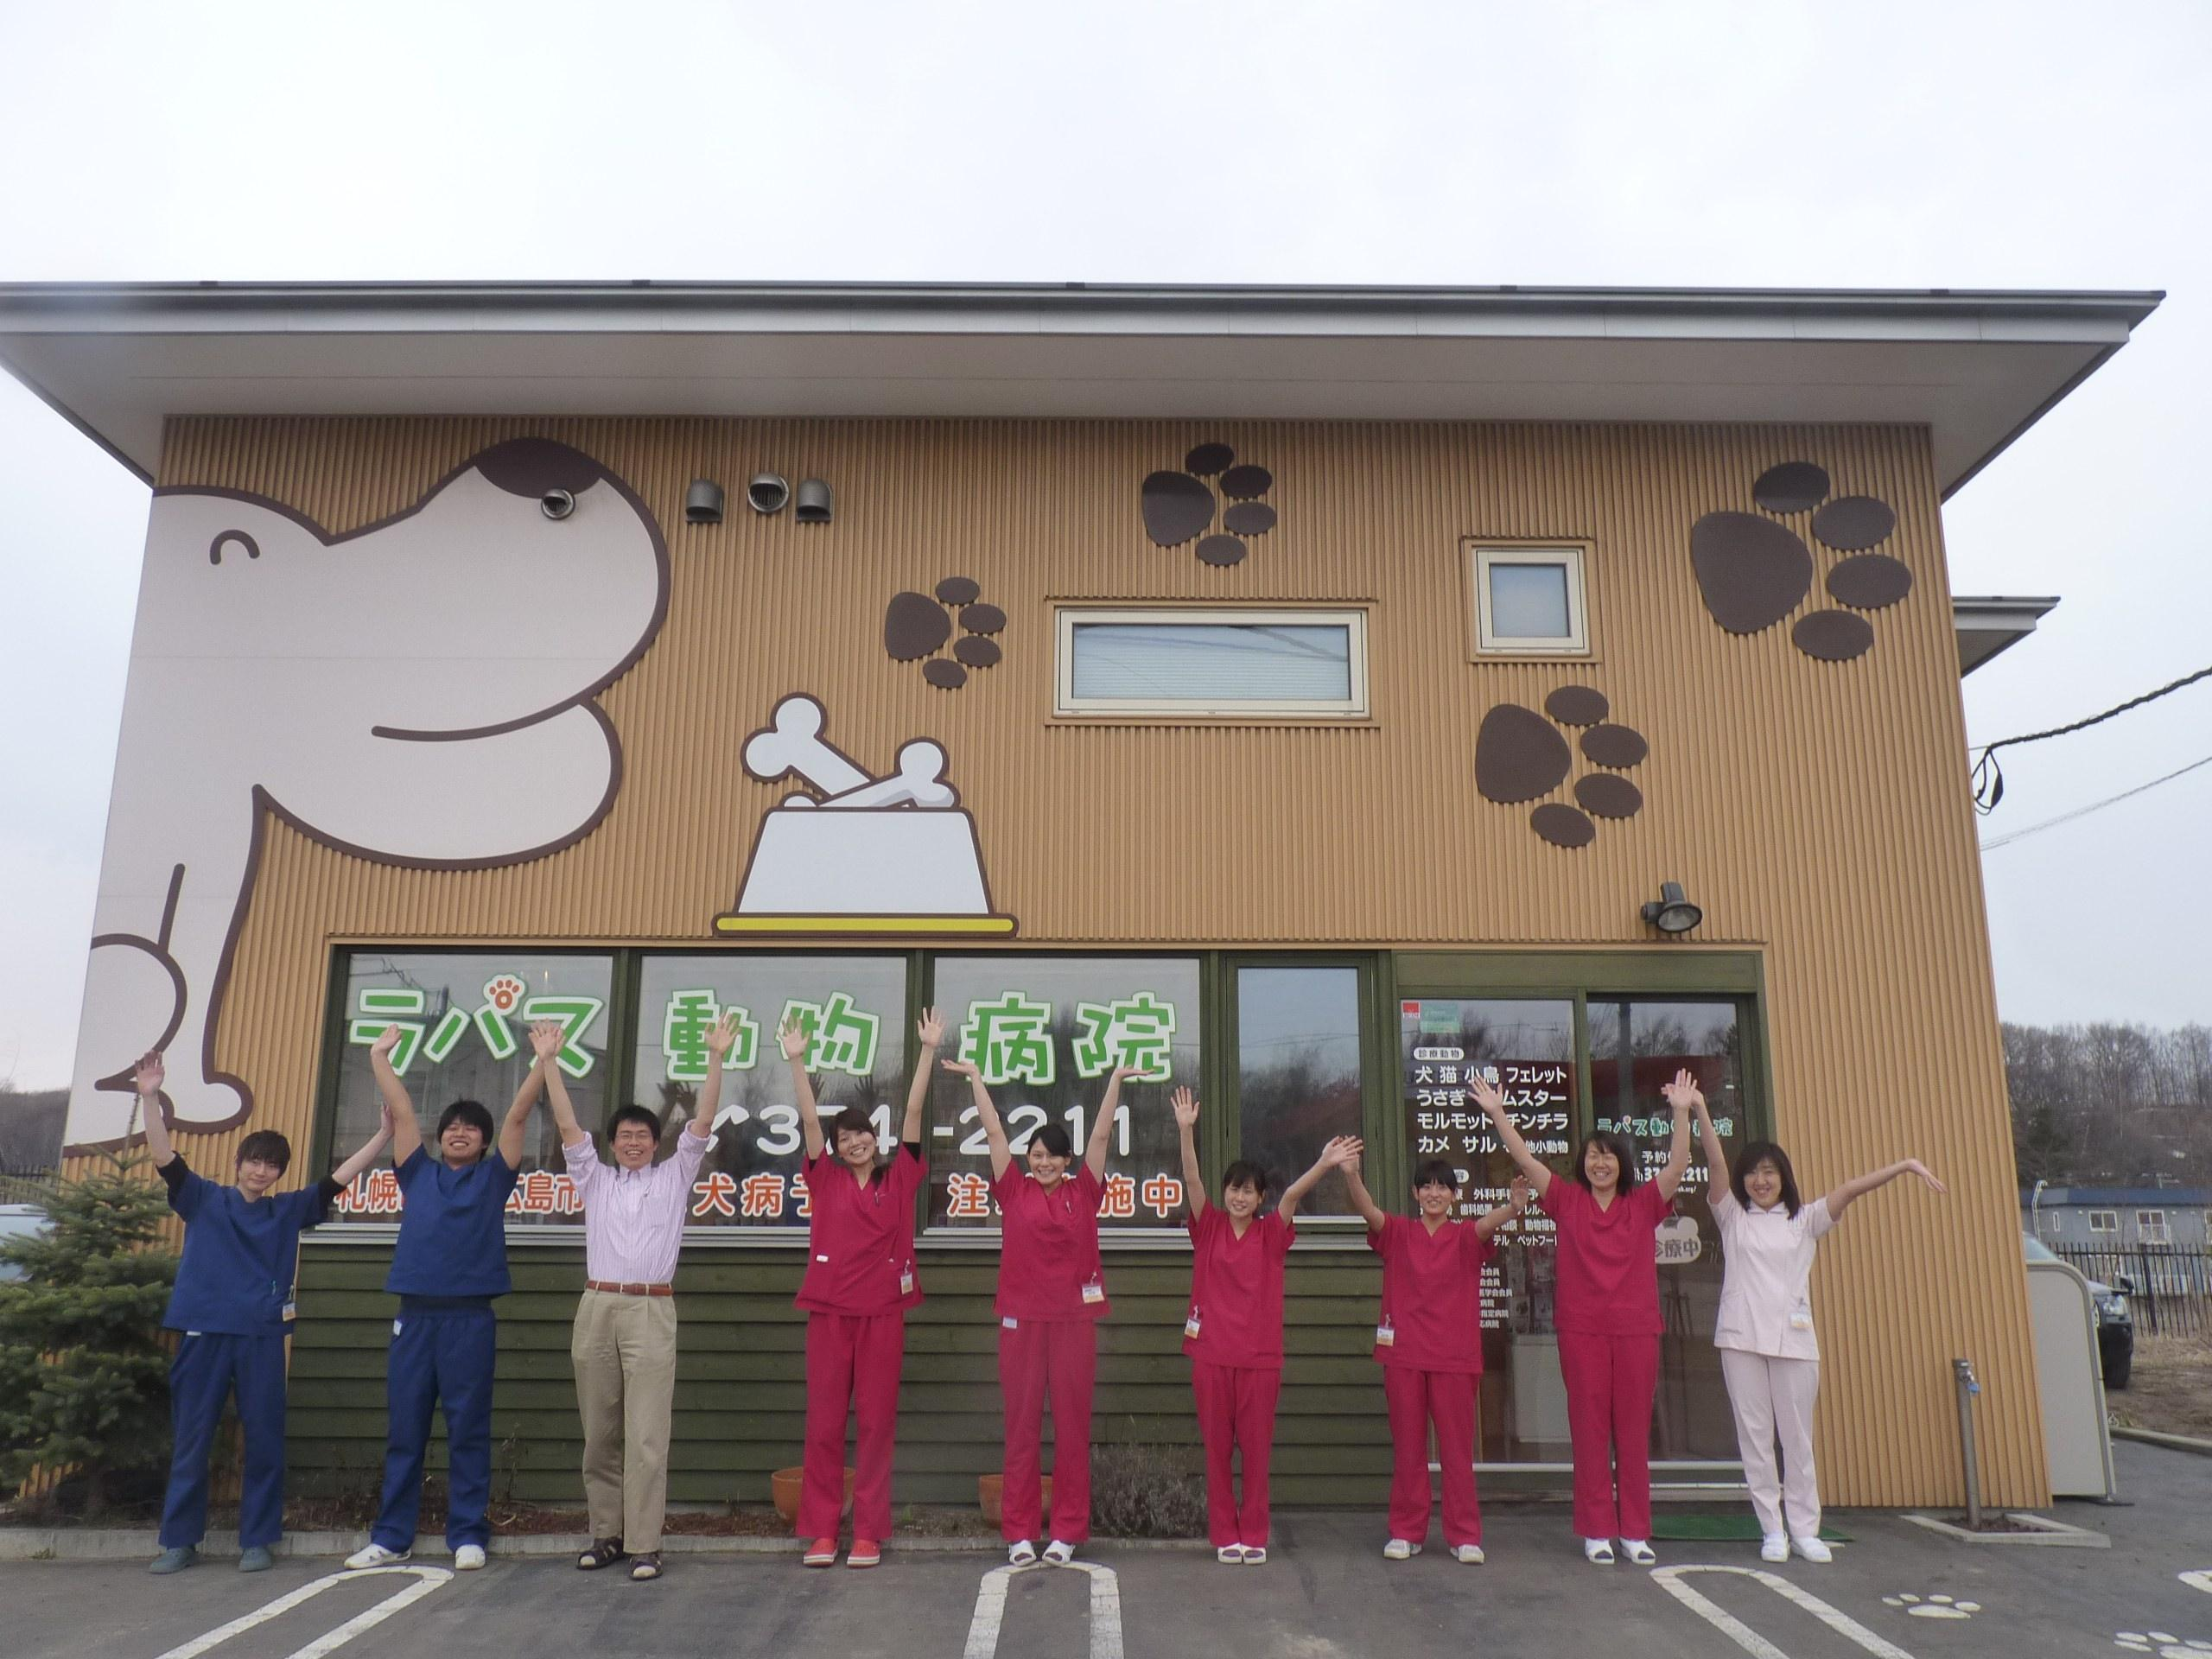 【札幌】動物看護師の募集